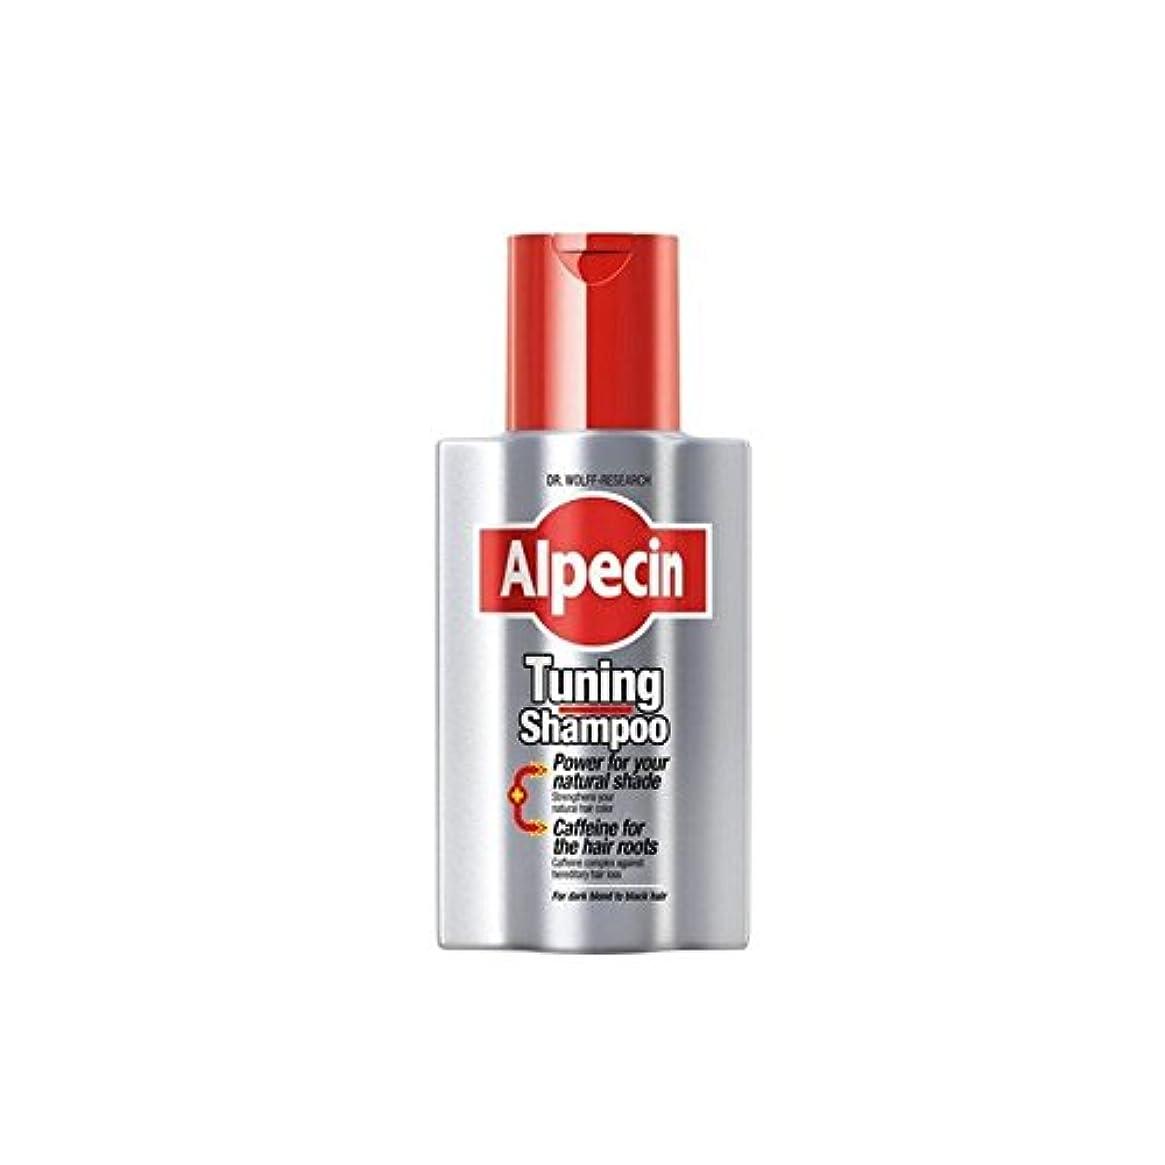 悲劇的ないじめっ子たぶんAlpecin Tuning Shampoo (200ml) - チューニングシャンプー(200ミリリットル) [並行輸入品]